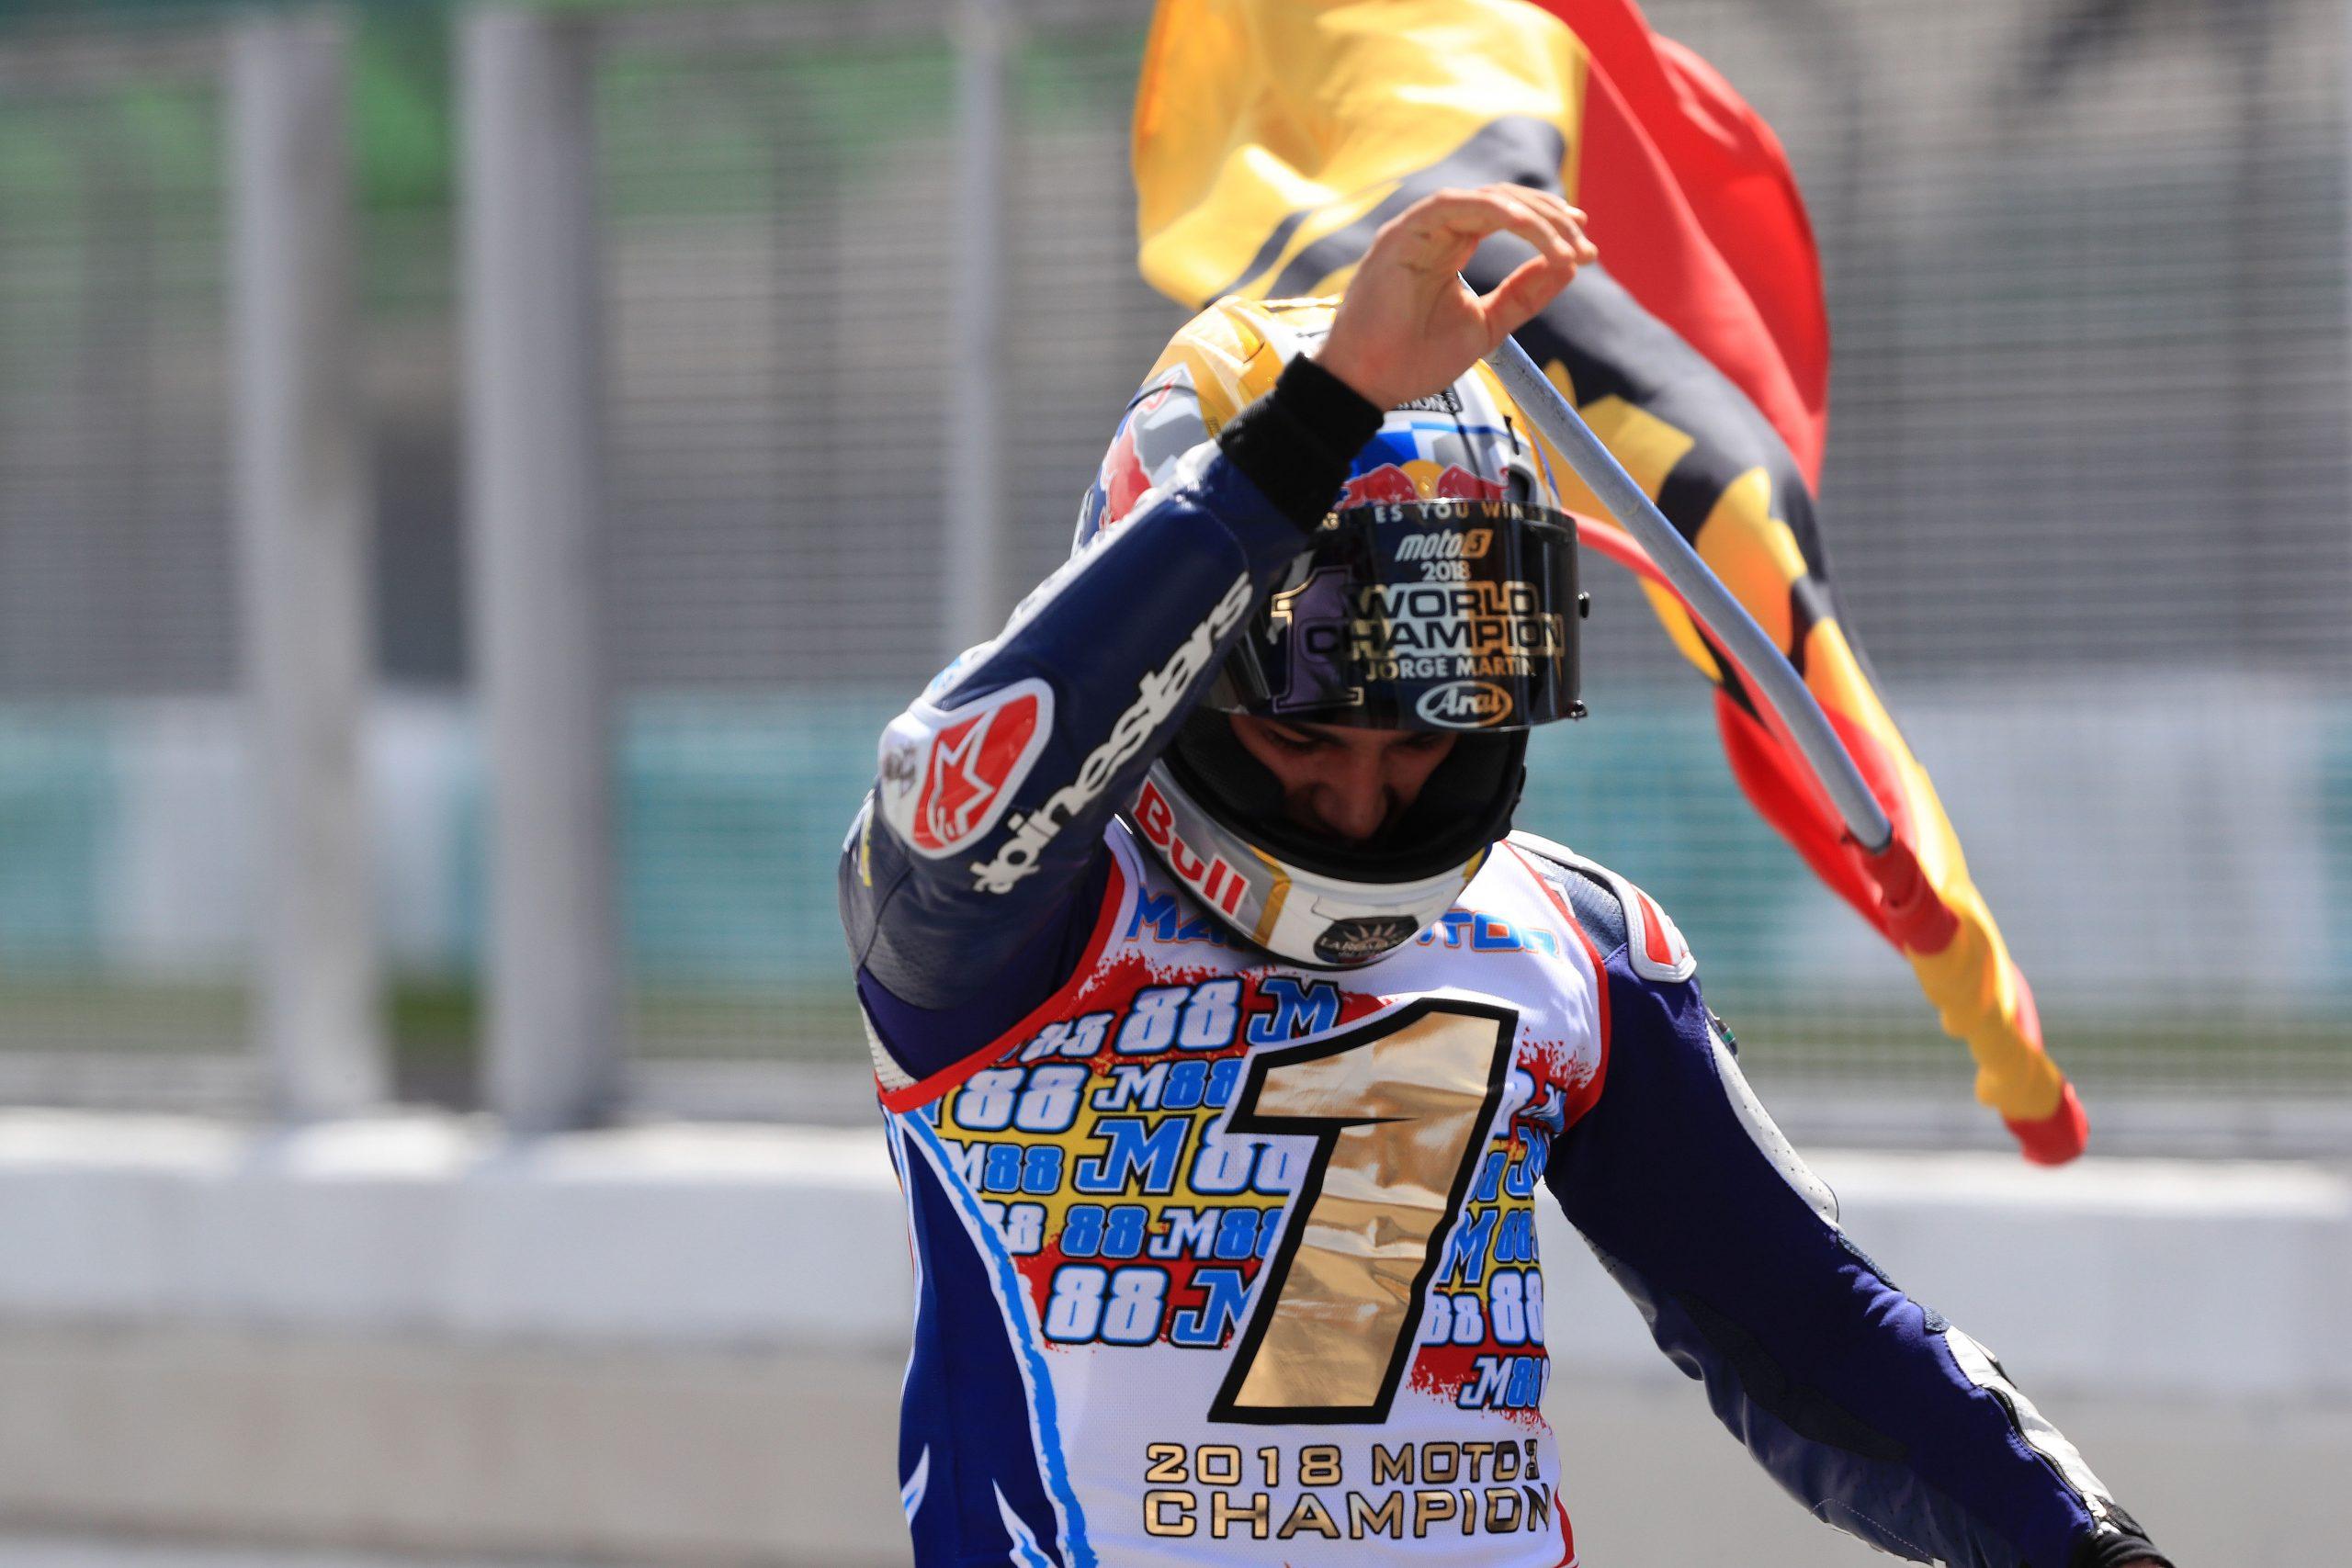 Jorge Martin mistrzem świata Moto3 w sezonie 2018